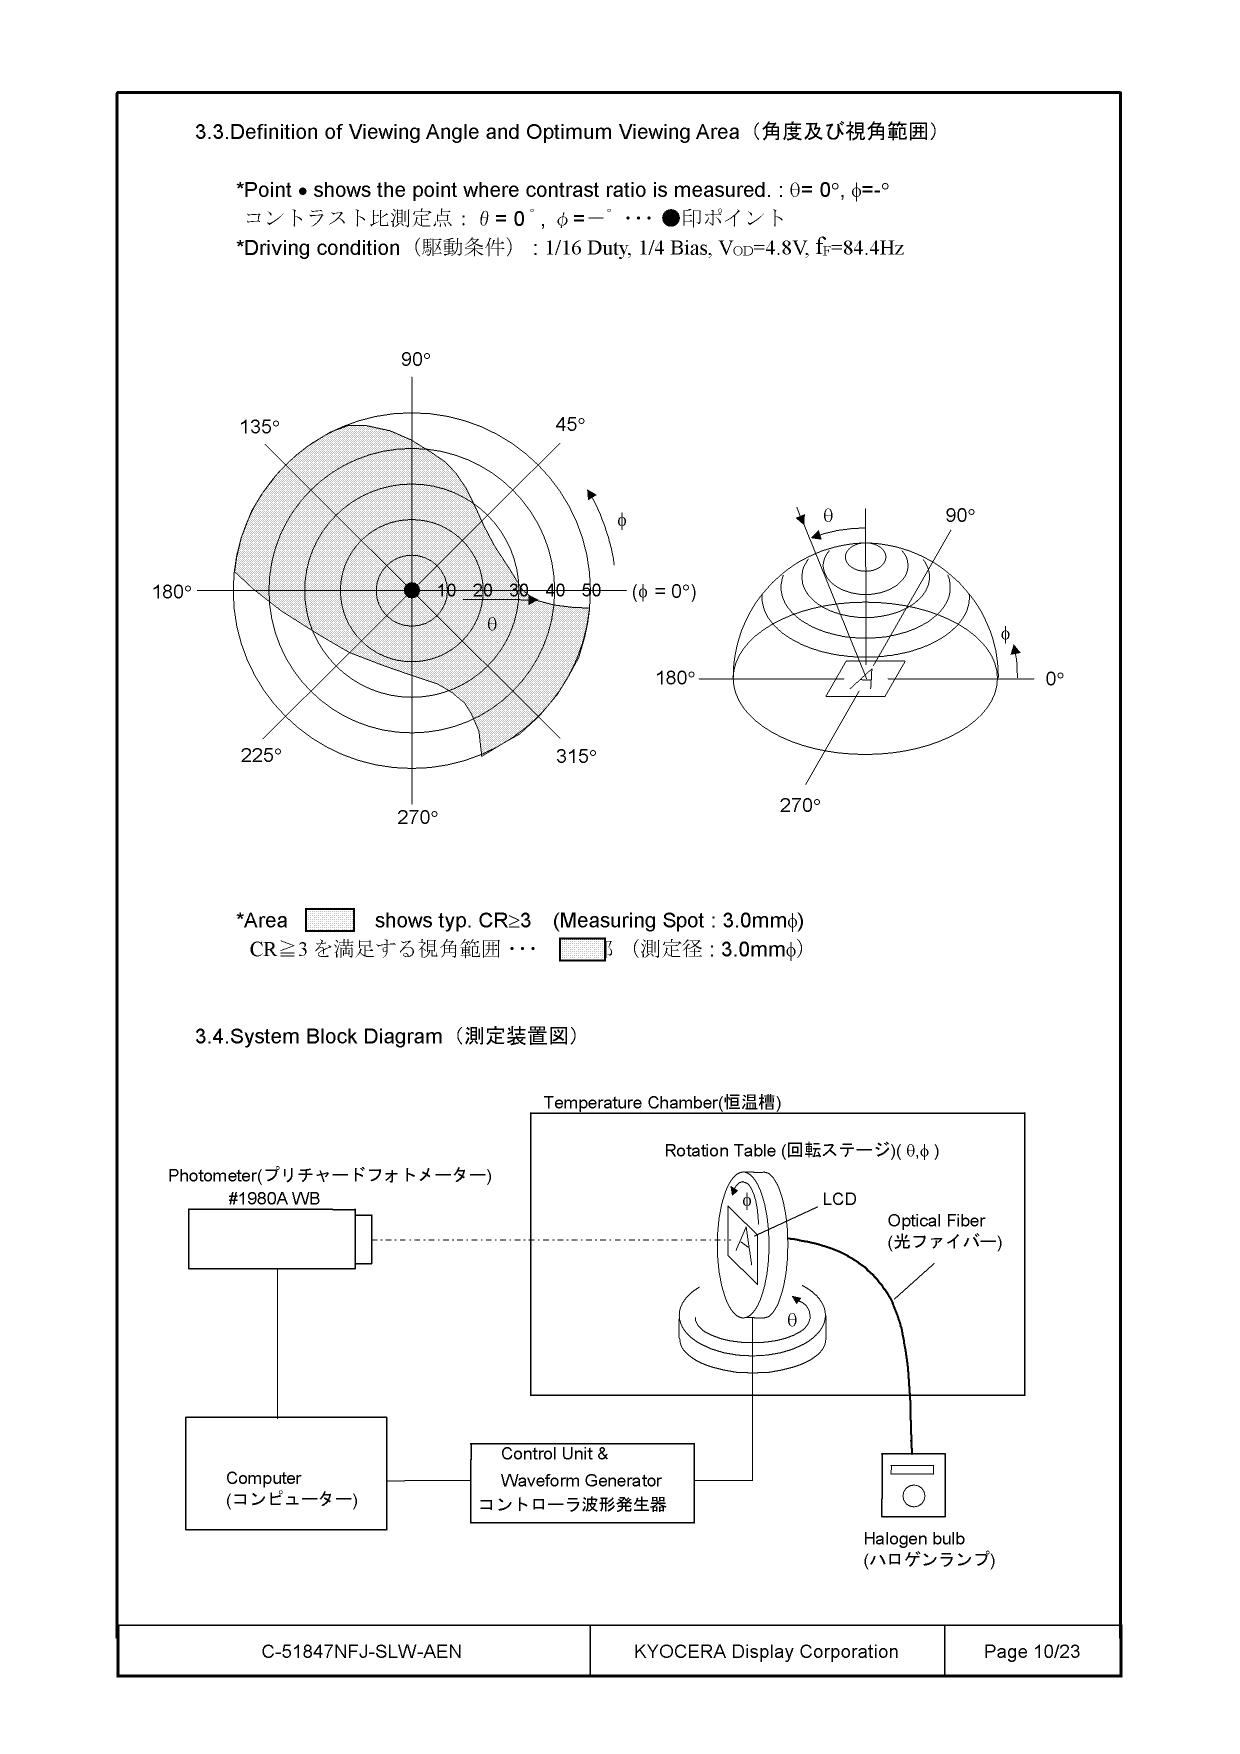 C-51847NFJ-SLW-AEN arduino